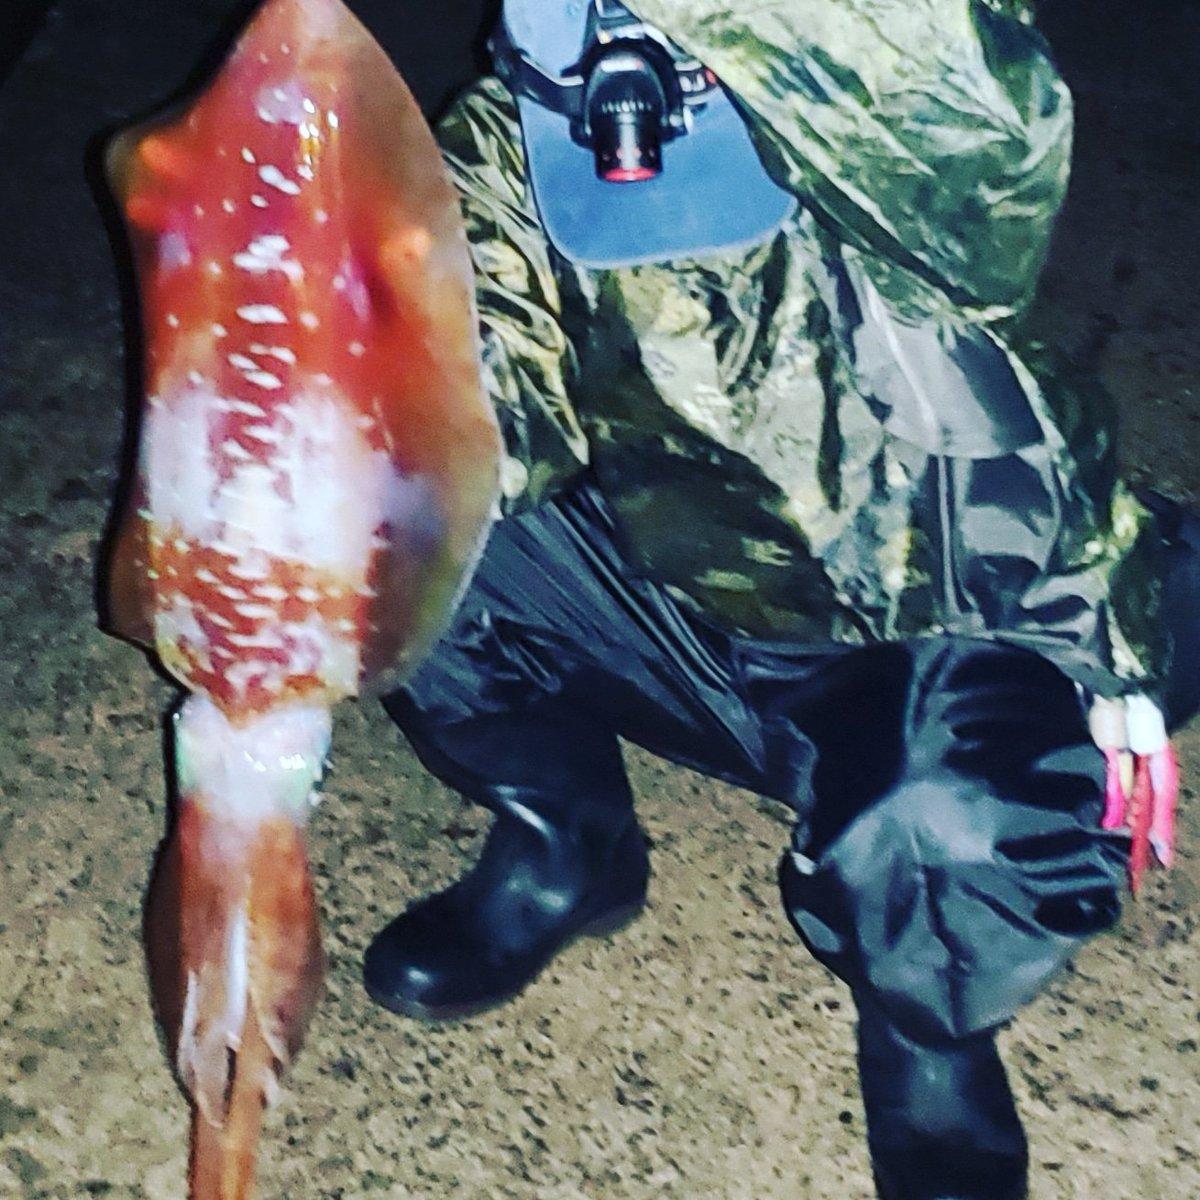 やっとやらかしたーっ!!♪ モンスターとまではいかないけど… 一応赤系。  #沖縄 #釣り #エギング #アオリイカ #赤系アオリイカ #レッドモンスター #okinawa #fishing #Eging #squid #redmonster